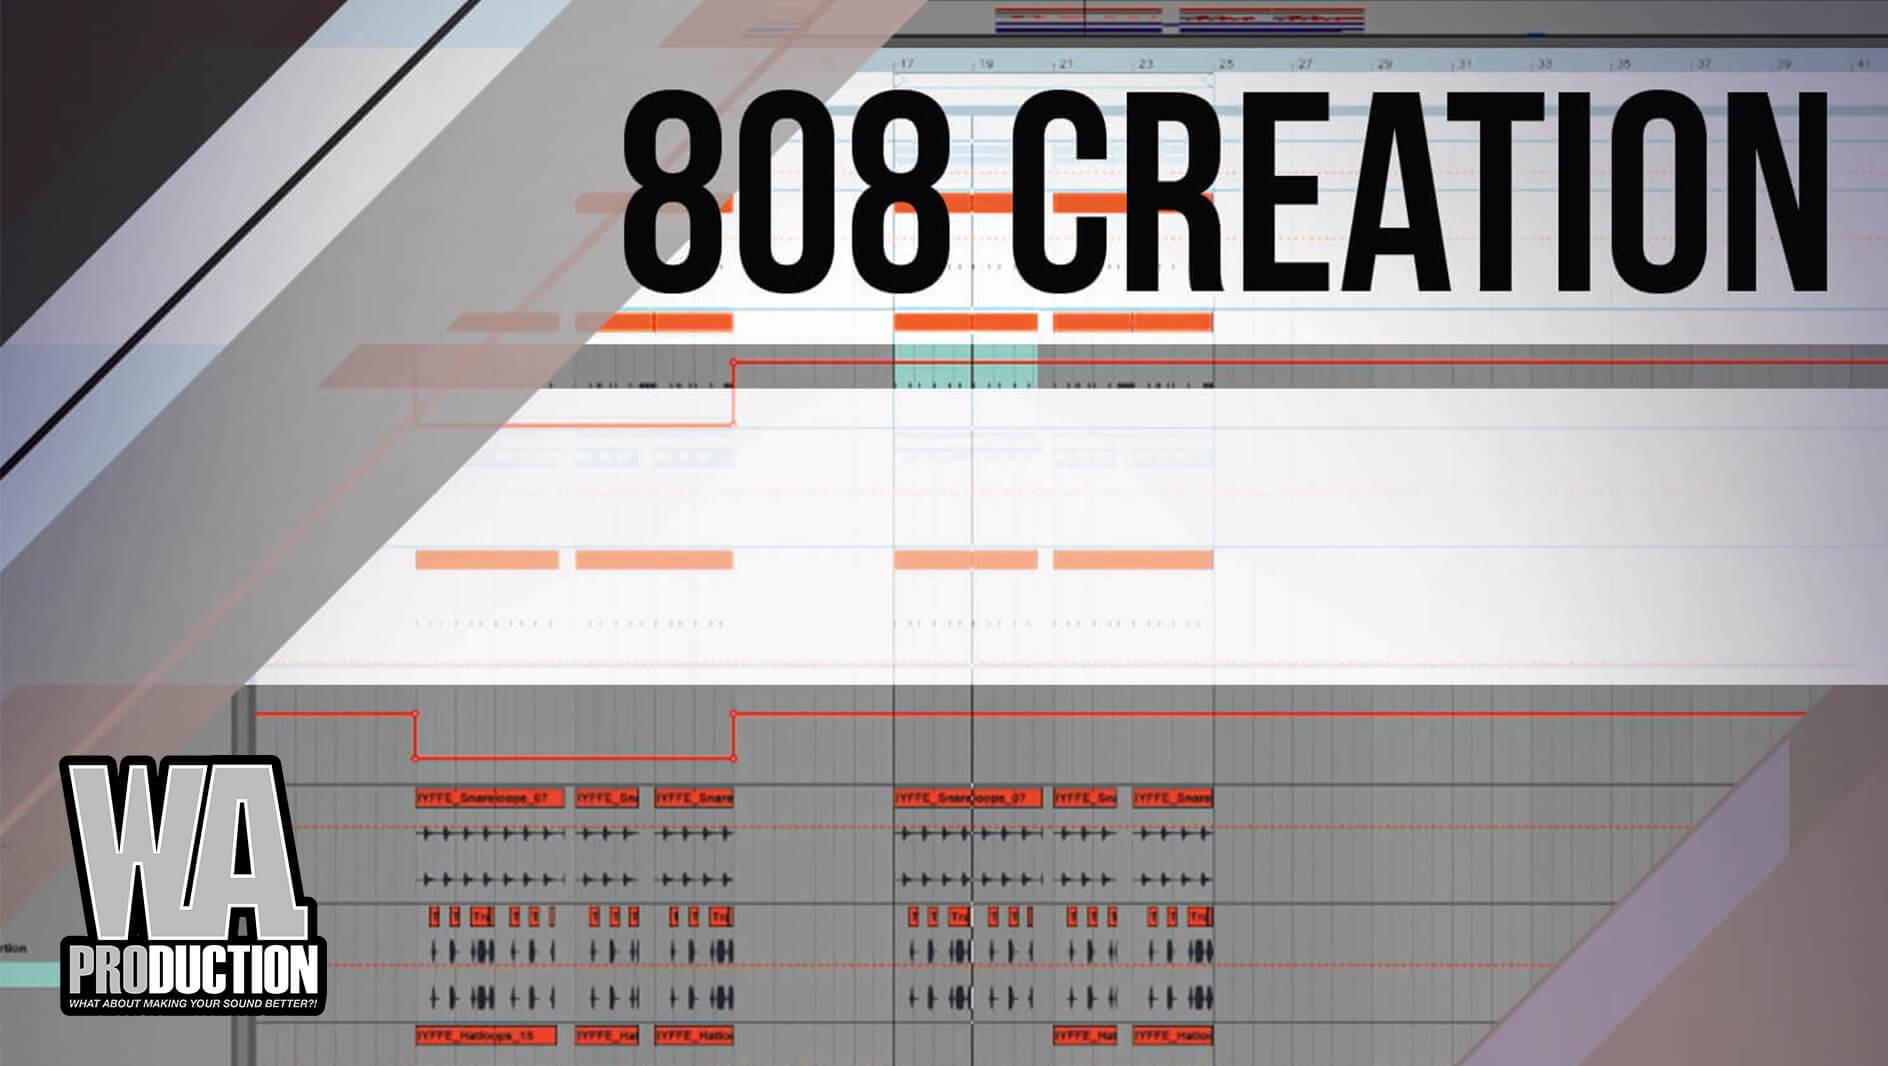 808 Creation